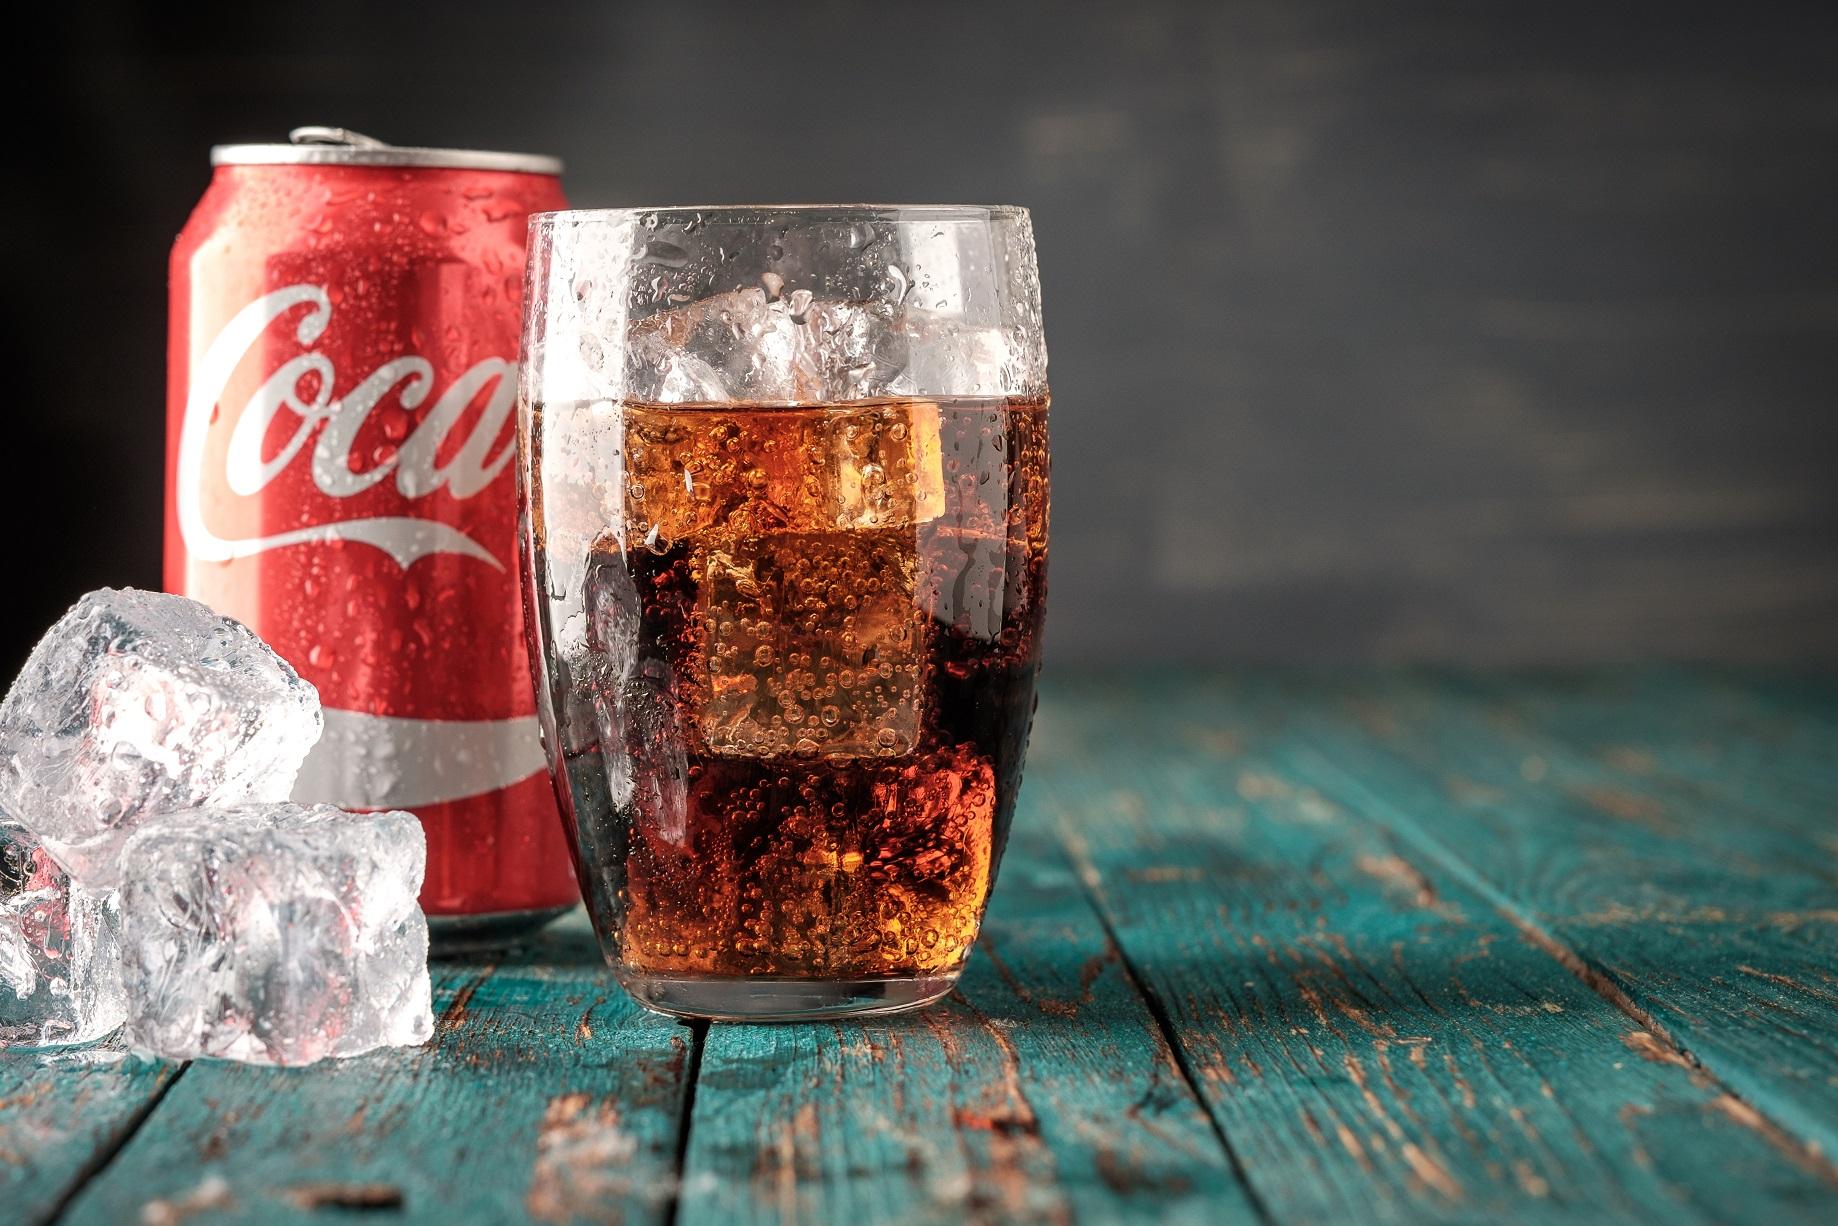 Coca cola in glas